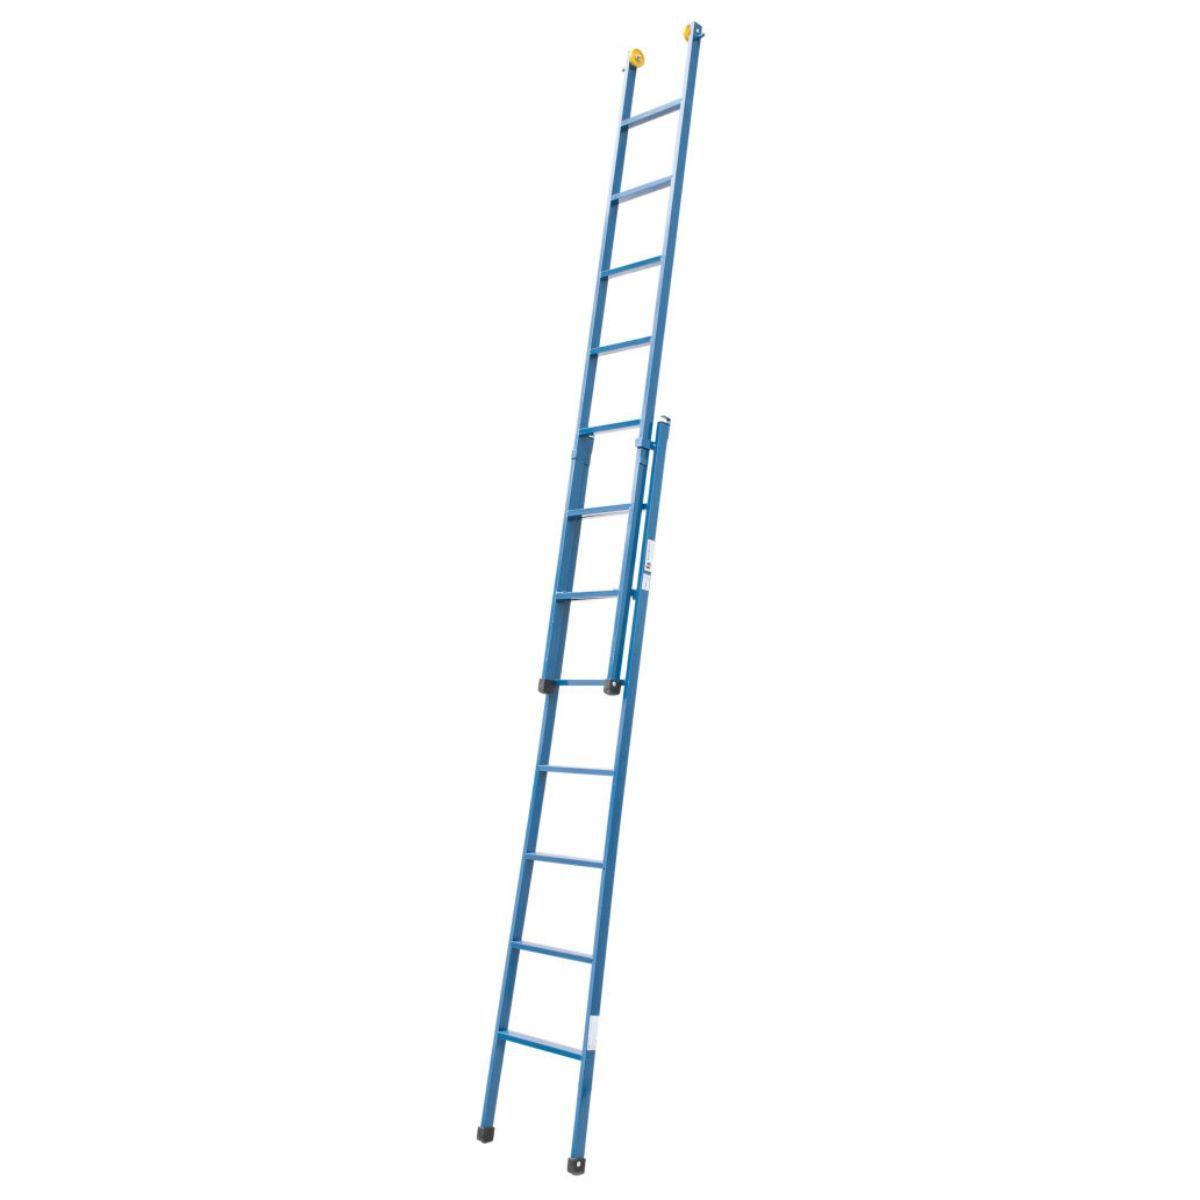 Escada Extensiva 8 Degraus De Aço Com Rodas De Deslizamento 4,3M Hashigo - 8D - H-065